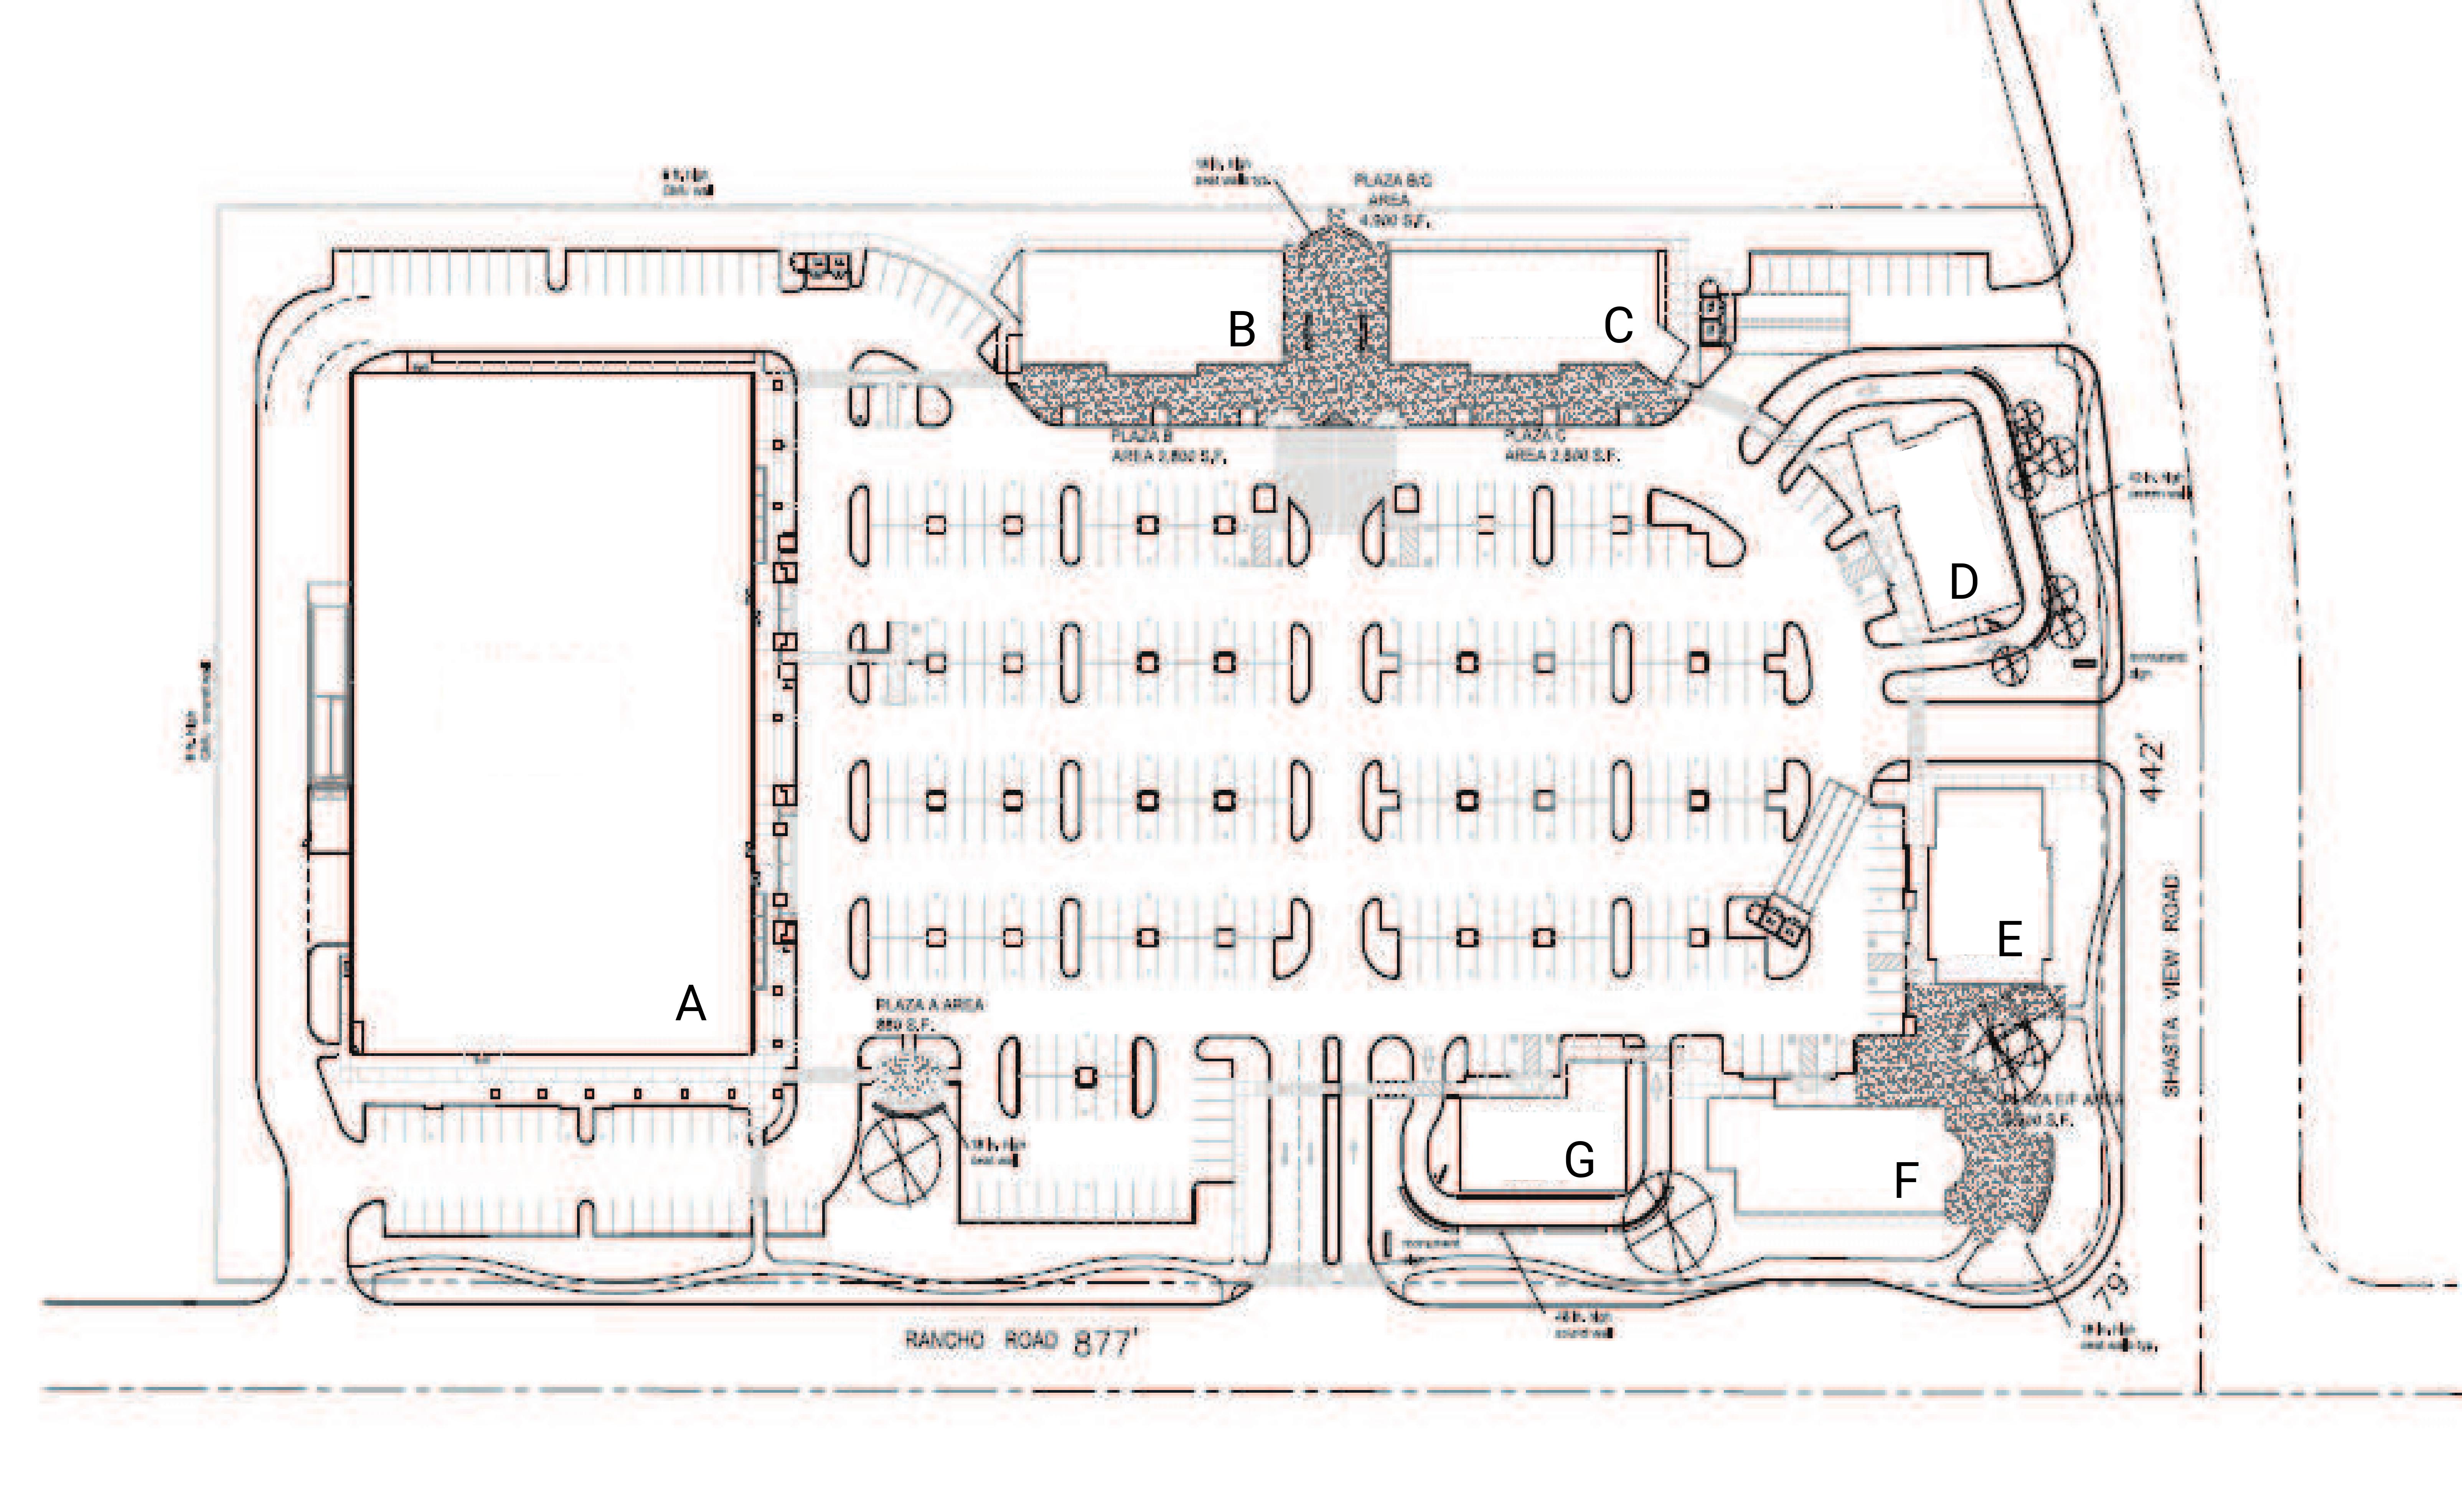 Shasta View Land: site plan